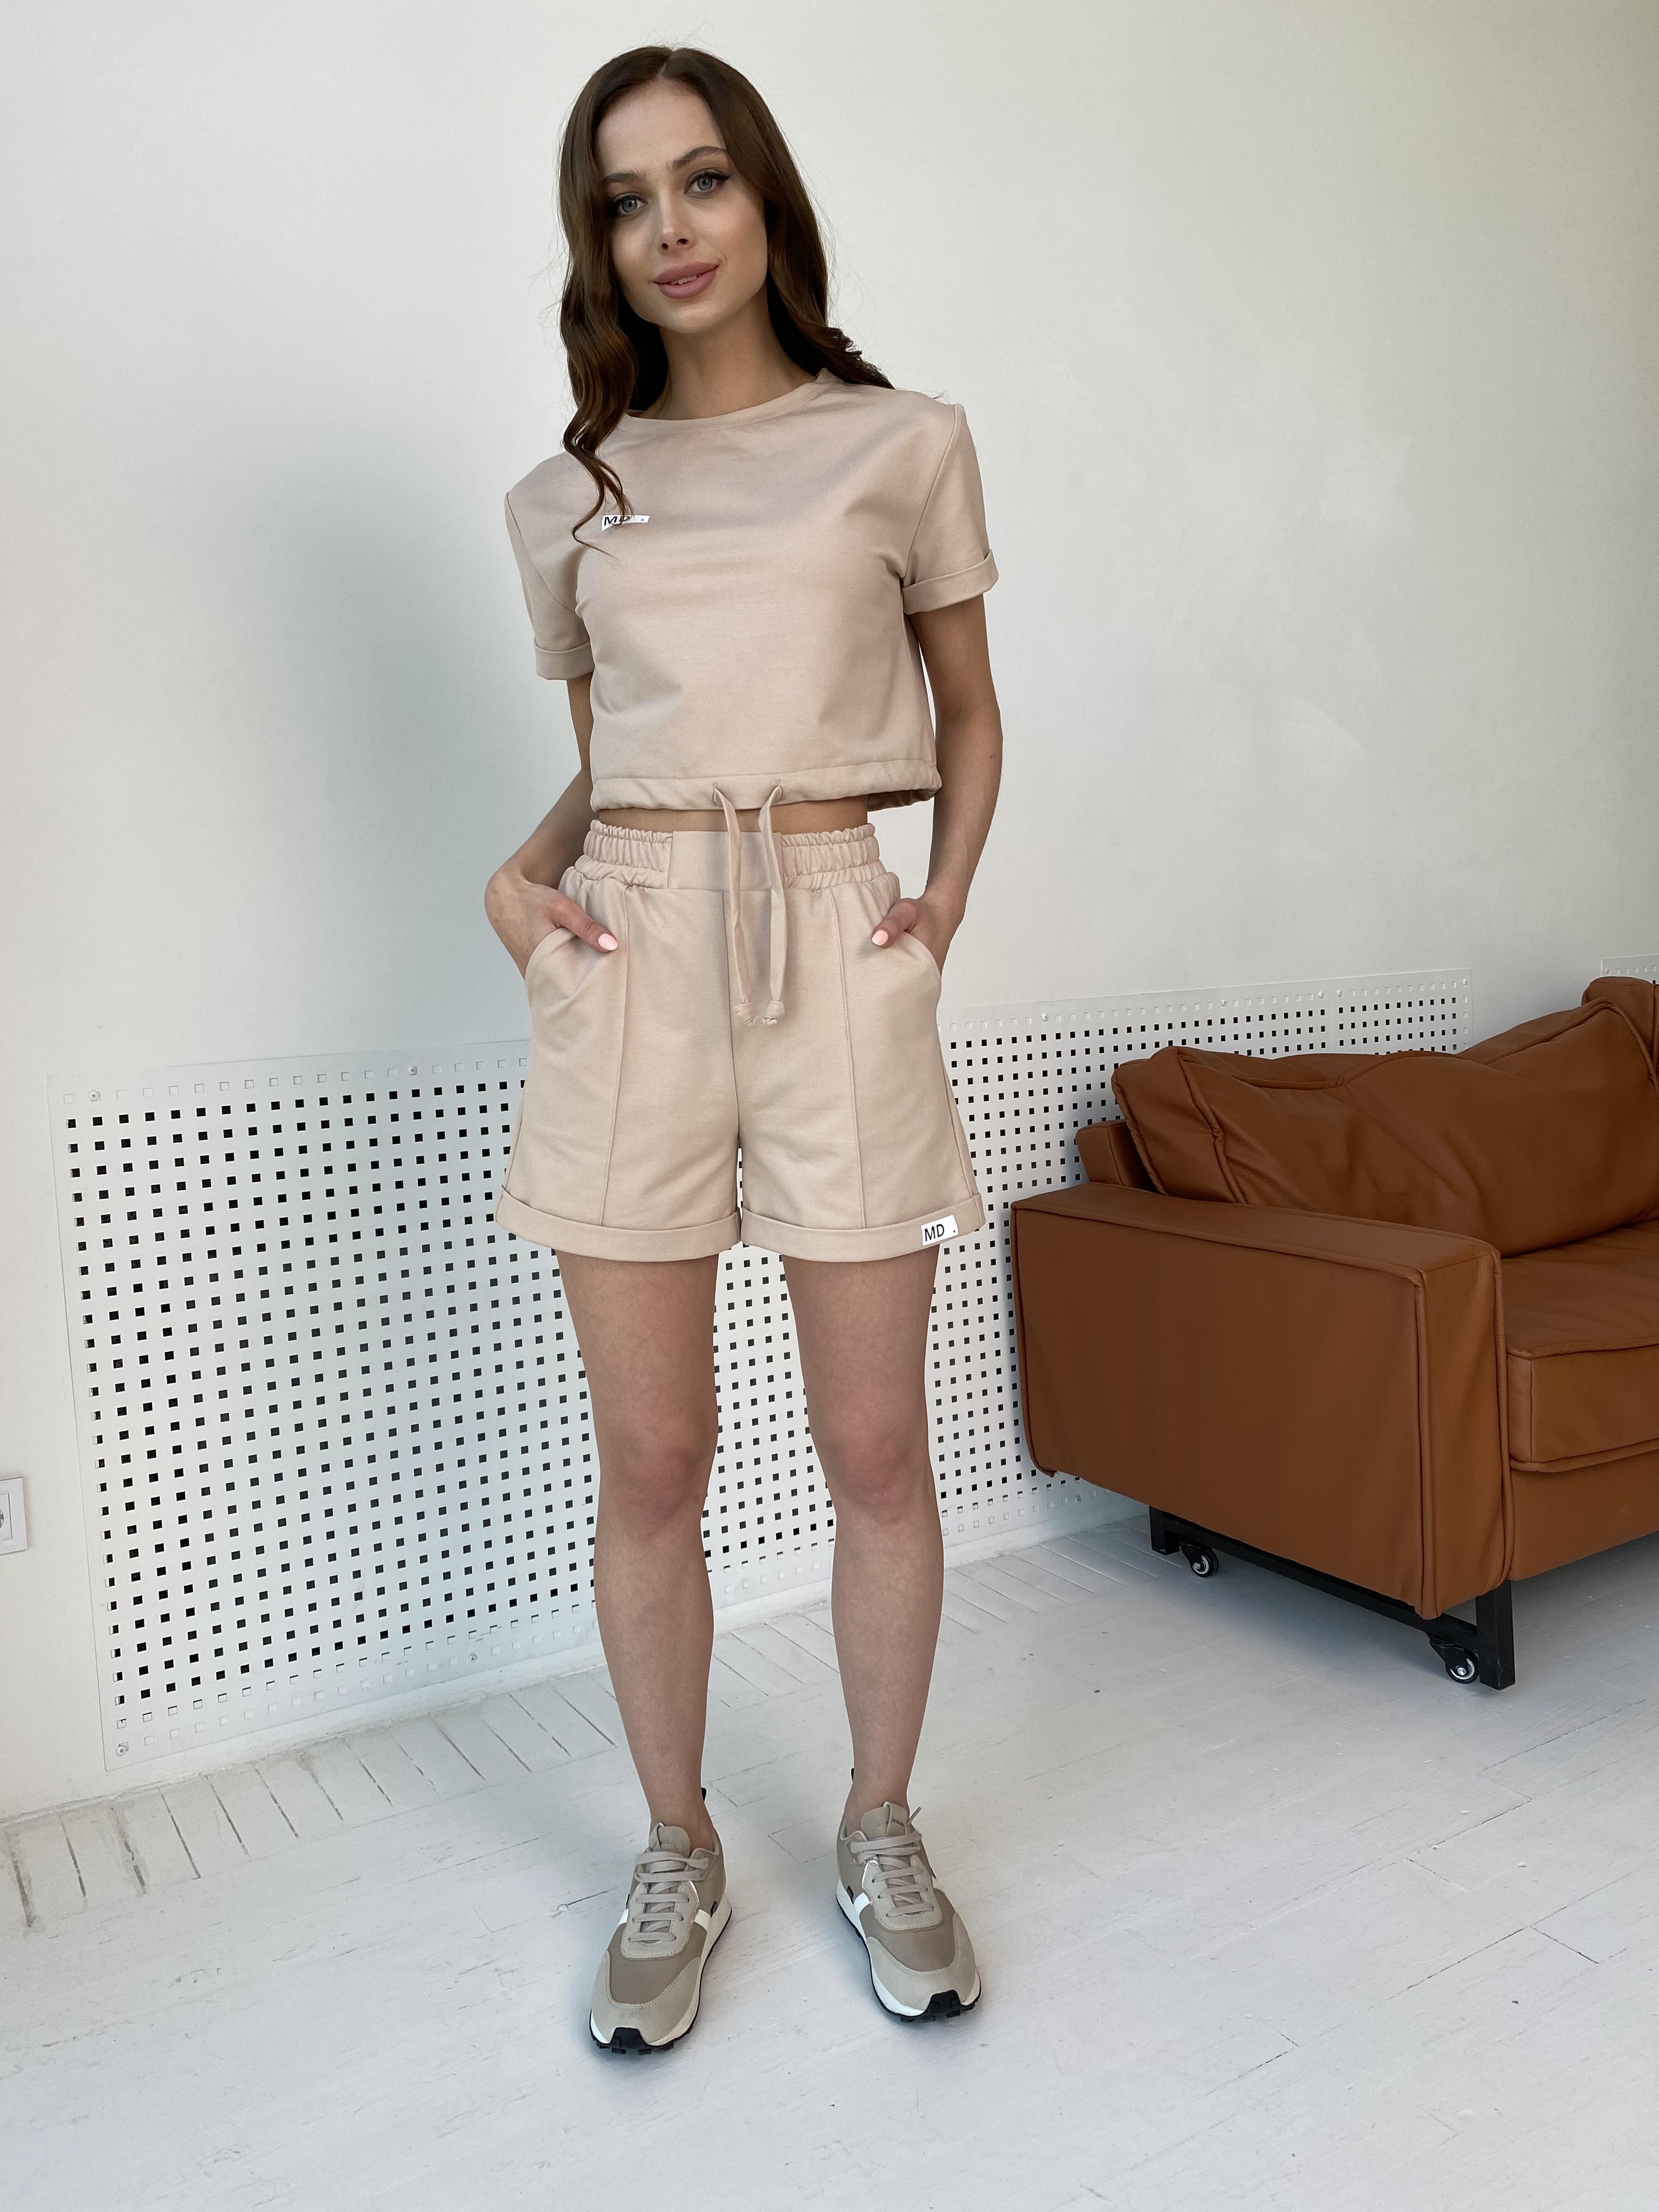 Фреш  костюм трикотажный двунитка тонкий 9252 АРТ. 45622 Цвет: Бежевый - фото 14, интернет магазин tm-modus.ru